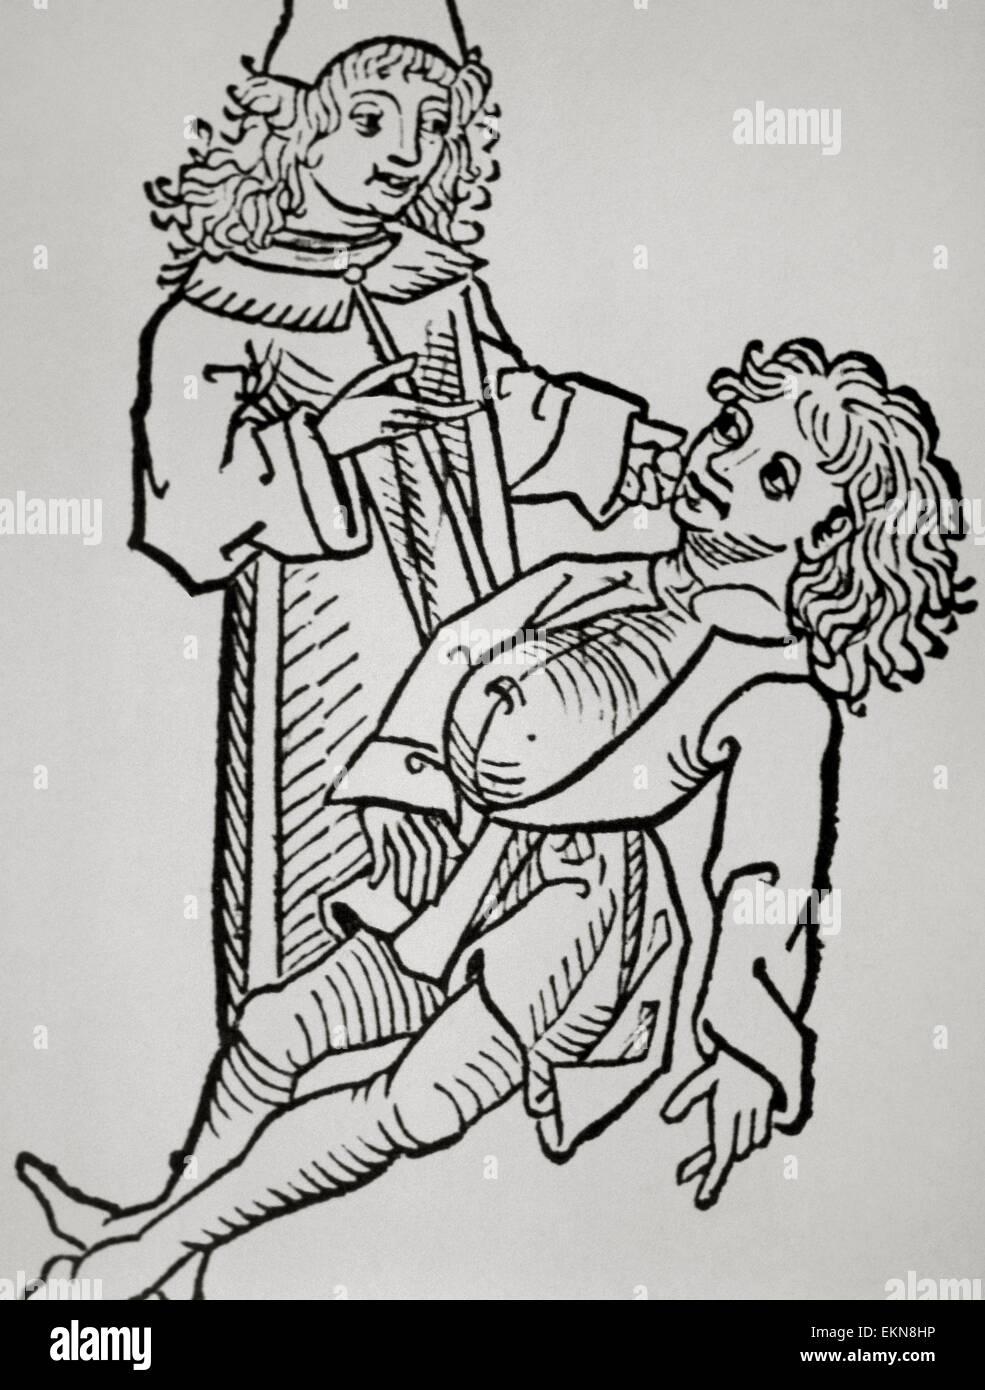 Geschichte der Medizin. Neuzeit. Bauch Infaldo. Zirrhose. Holzschnitt. Hortus Sanitatis. 14. Jahrhundert. Stockbild